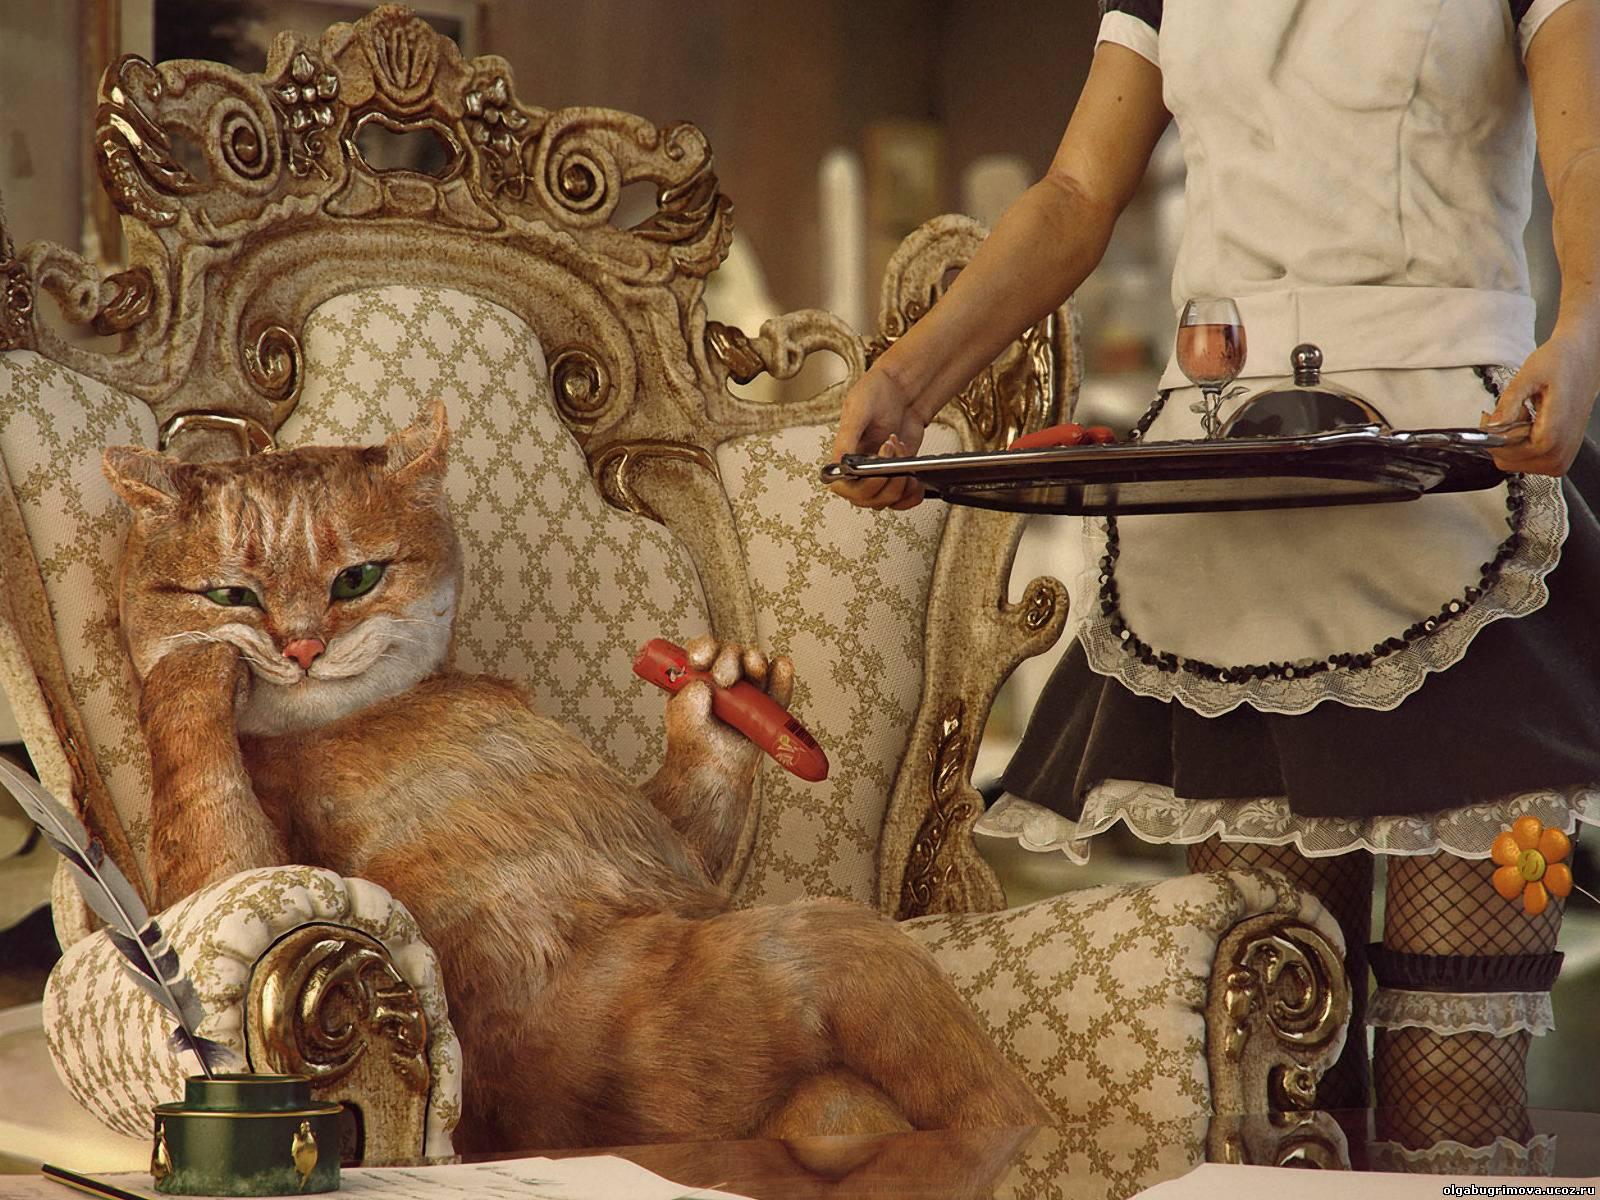 Фотки крутой кот - 81